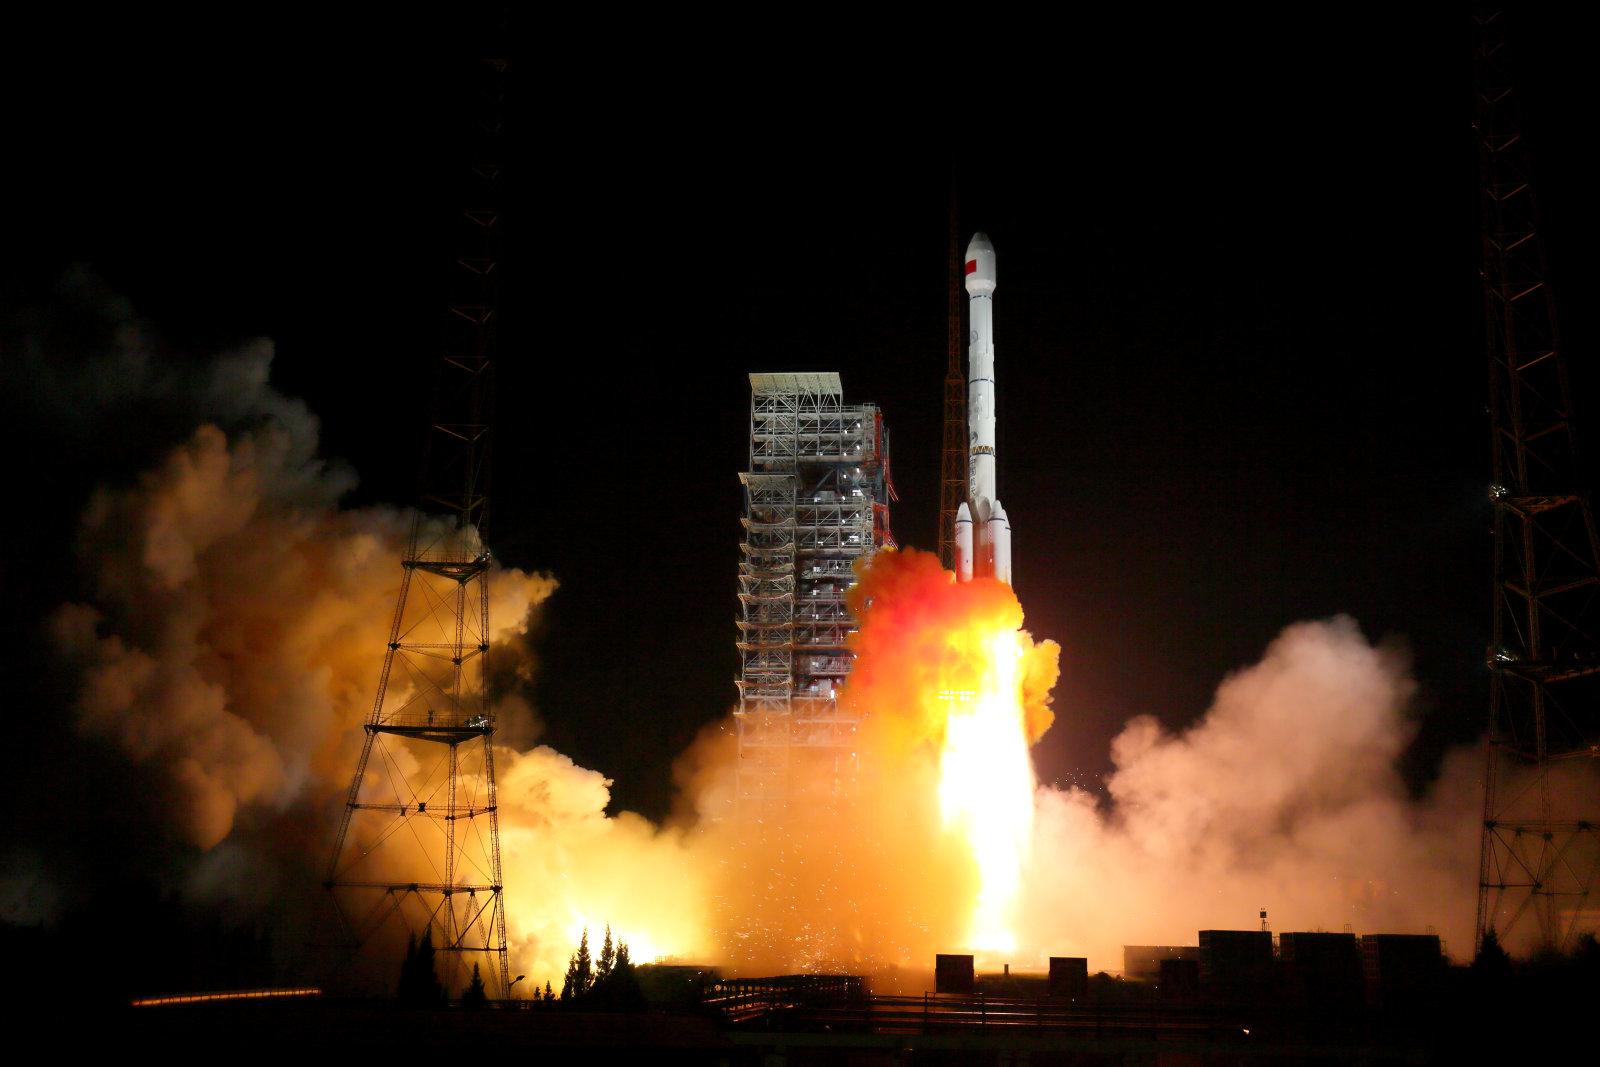 Китай планирует создать космический челнок с ядерным двигателем к 2040 году